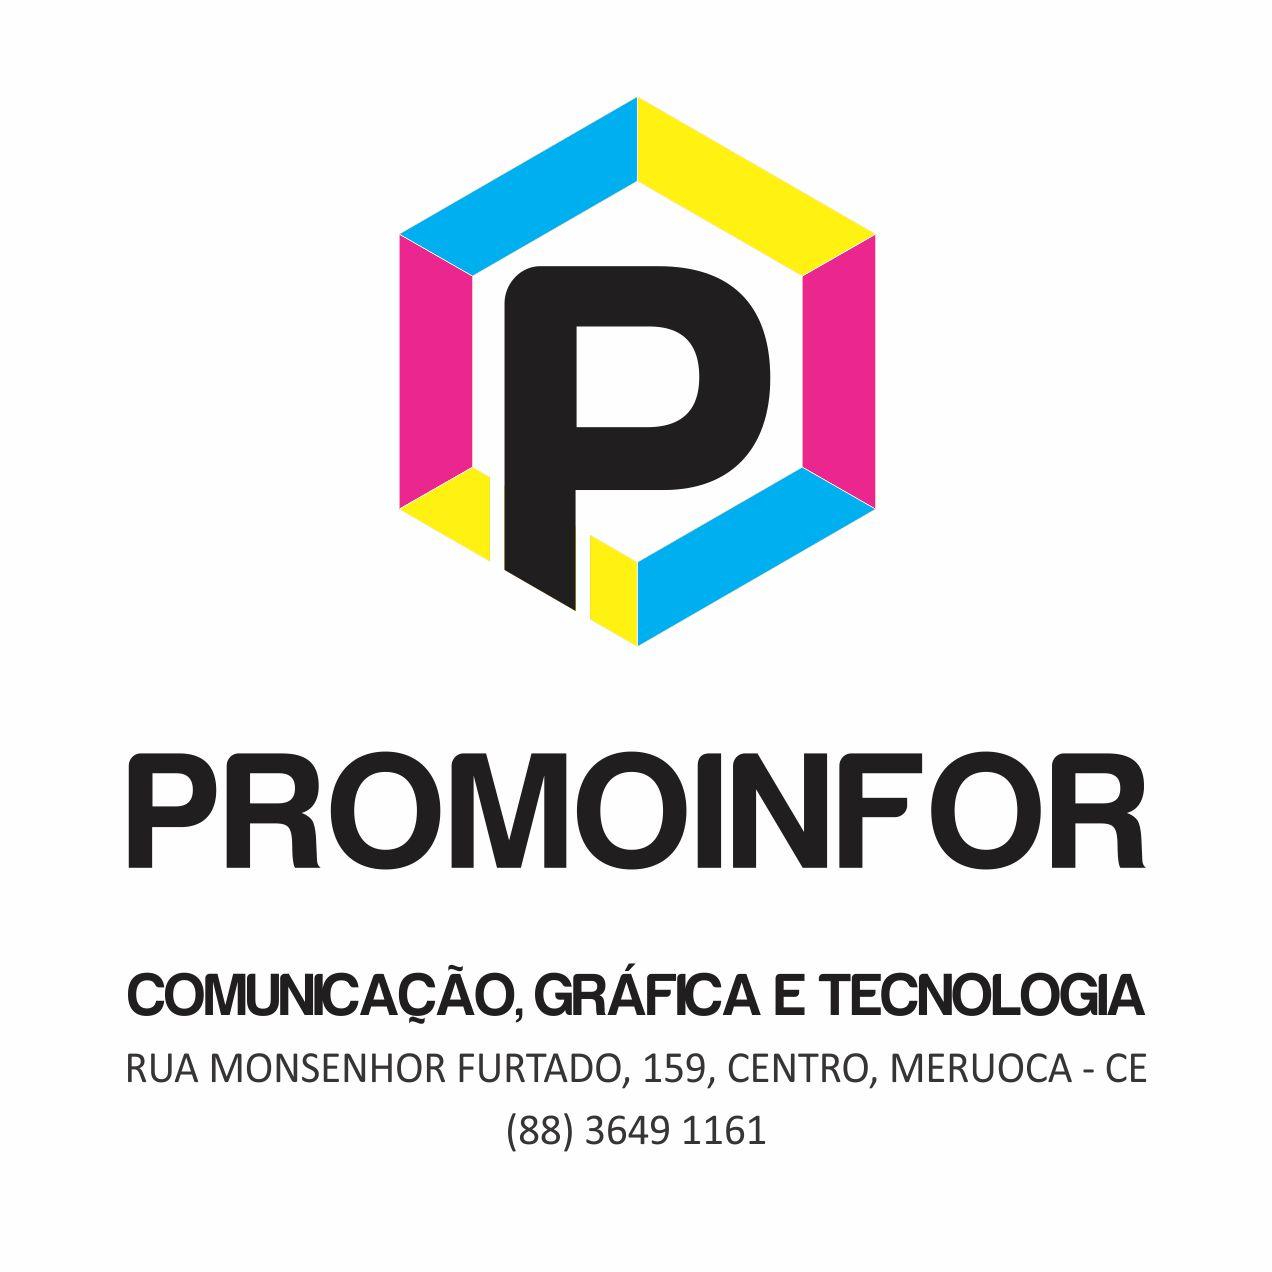 Promoinfor